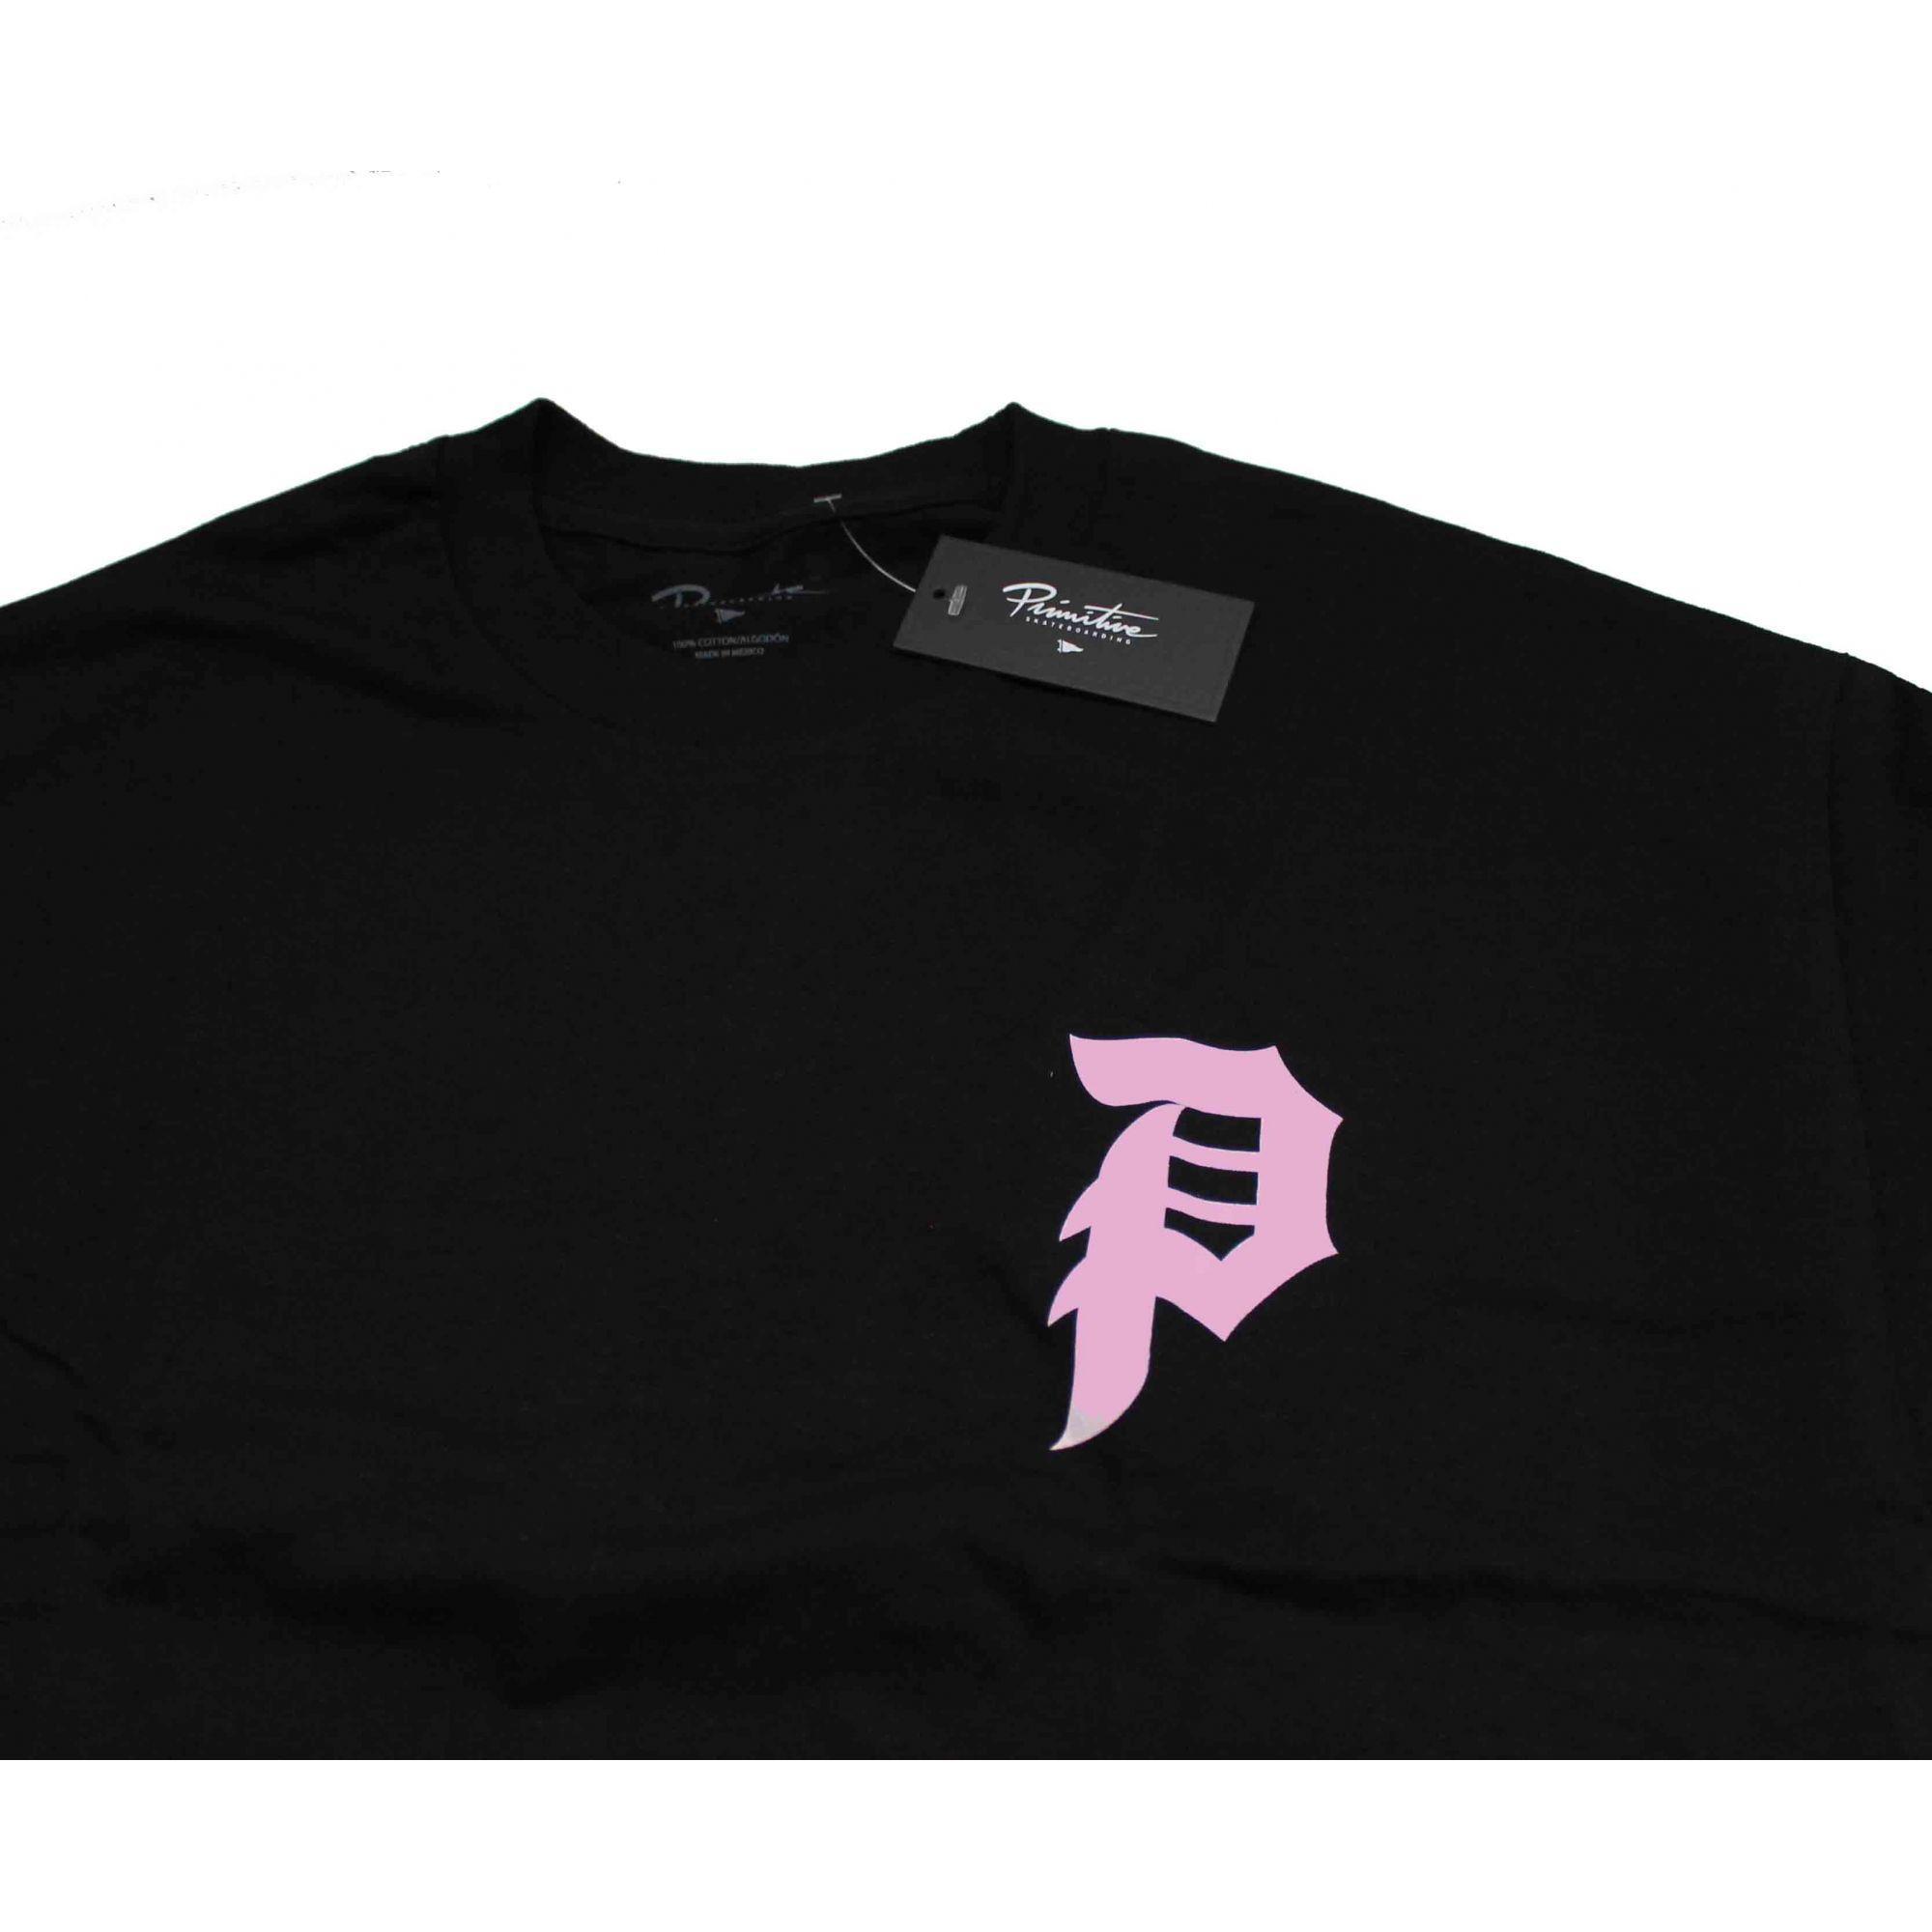 Camiseta Primitive Dirt P Core Tee Preto/Rosa